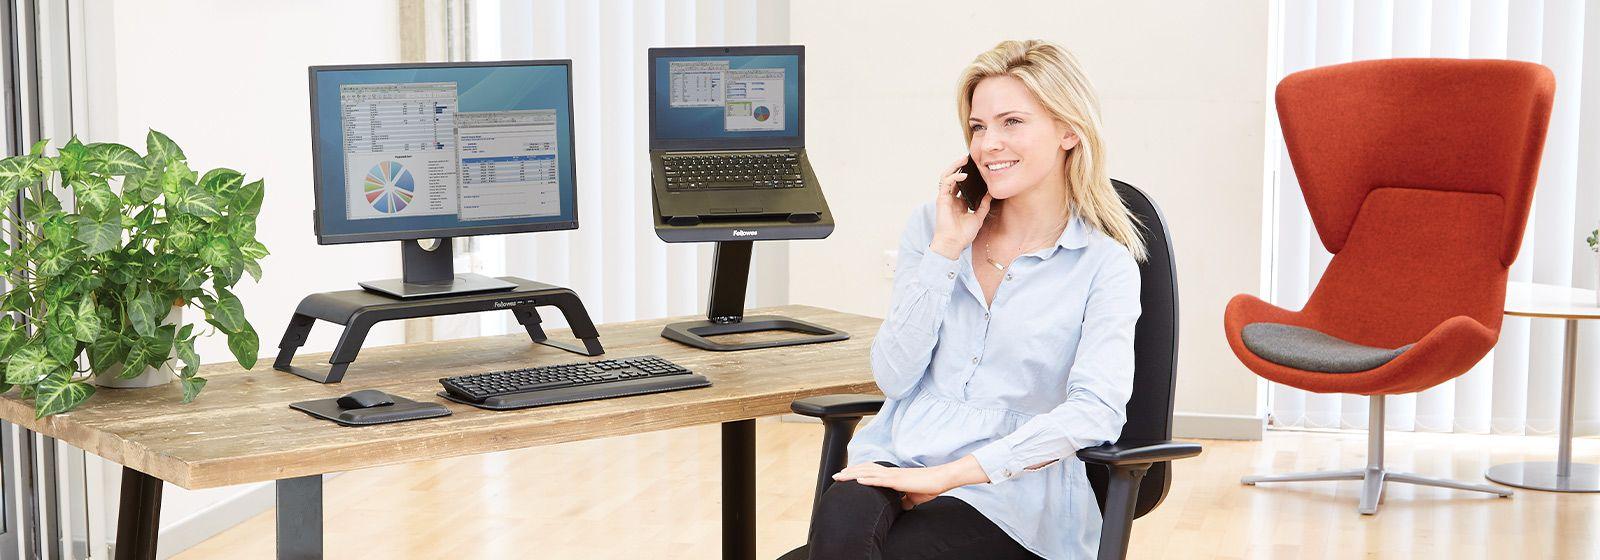 Czy Twoje stanowisko pracy jest ergonomiczne?